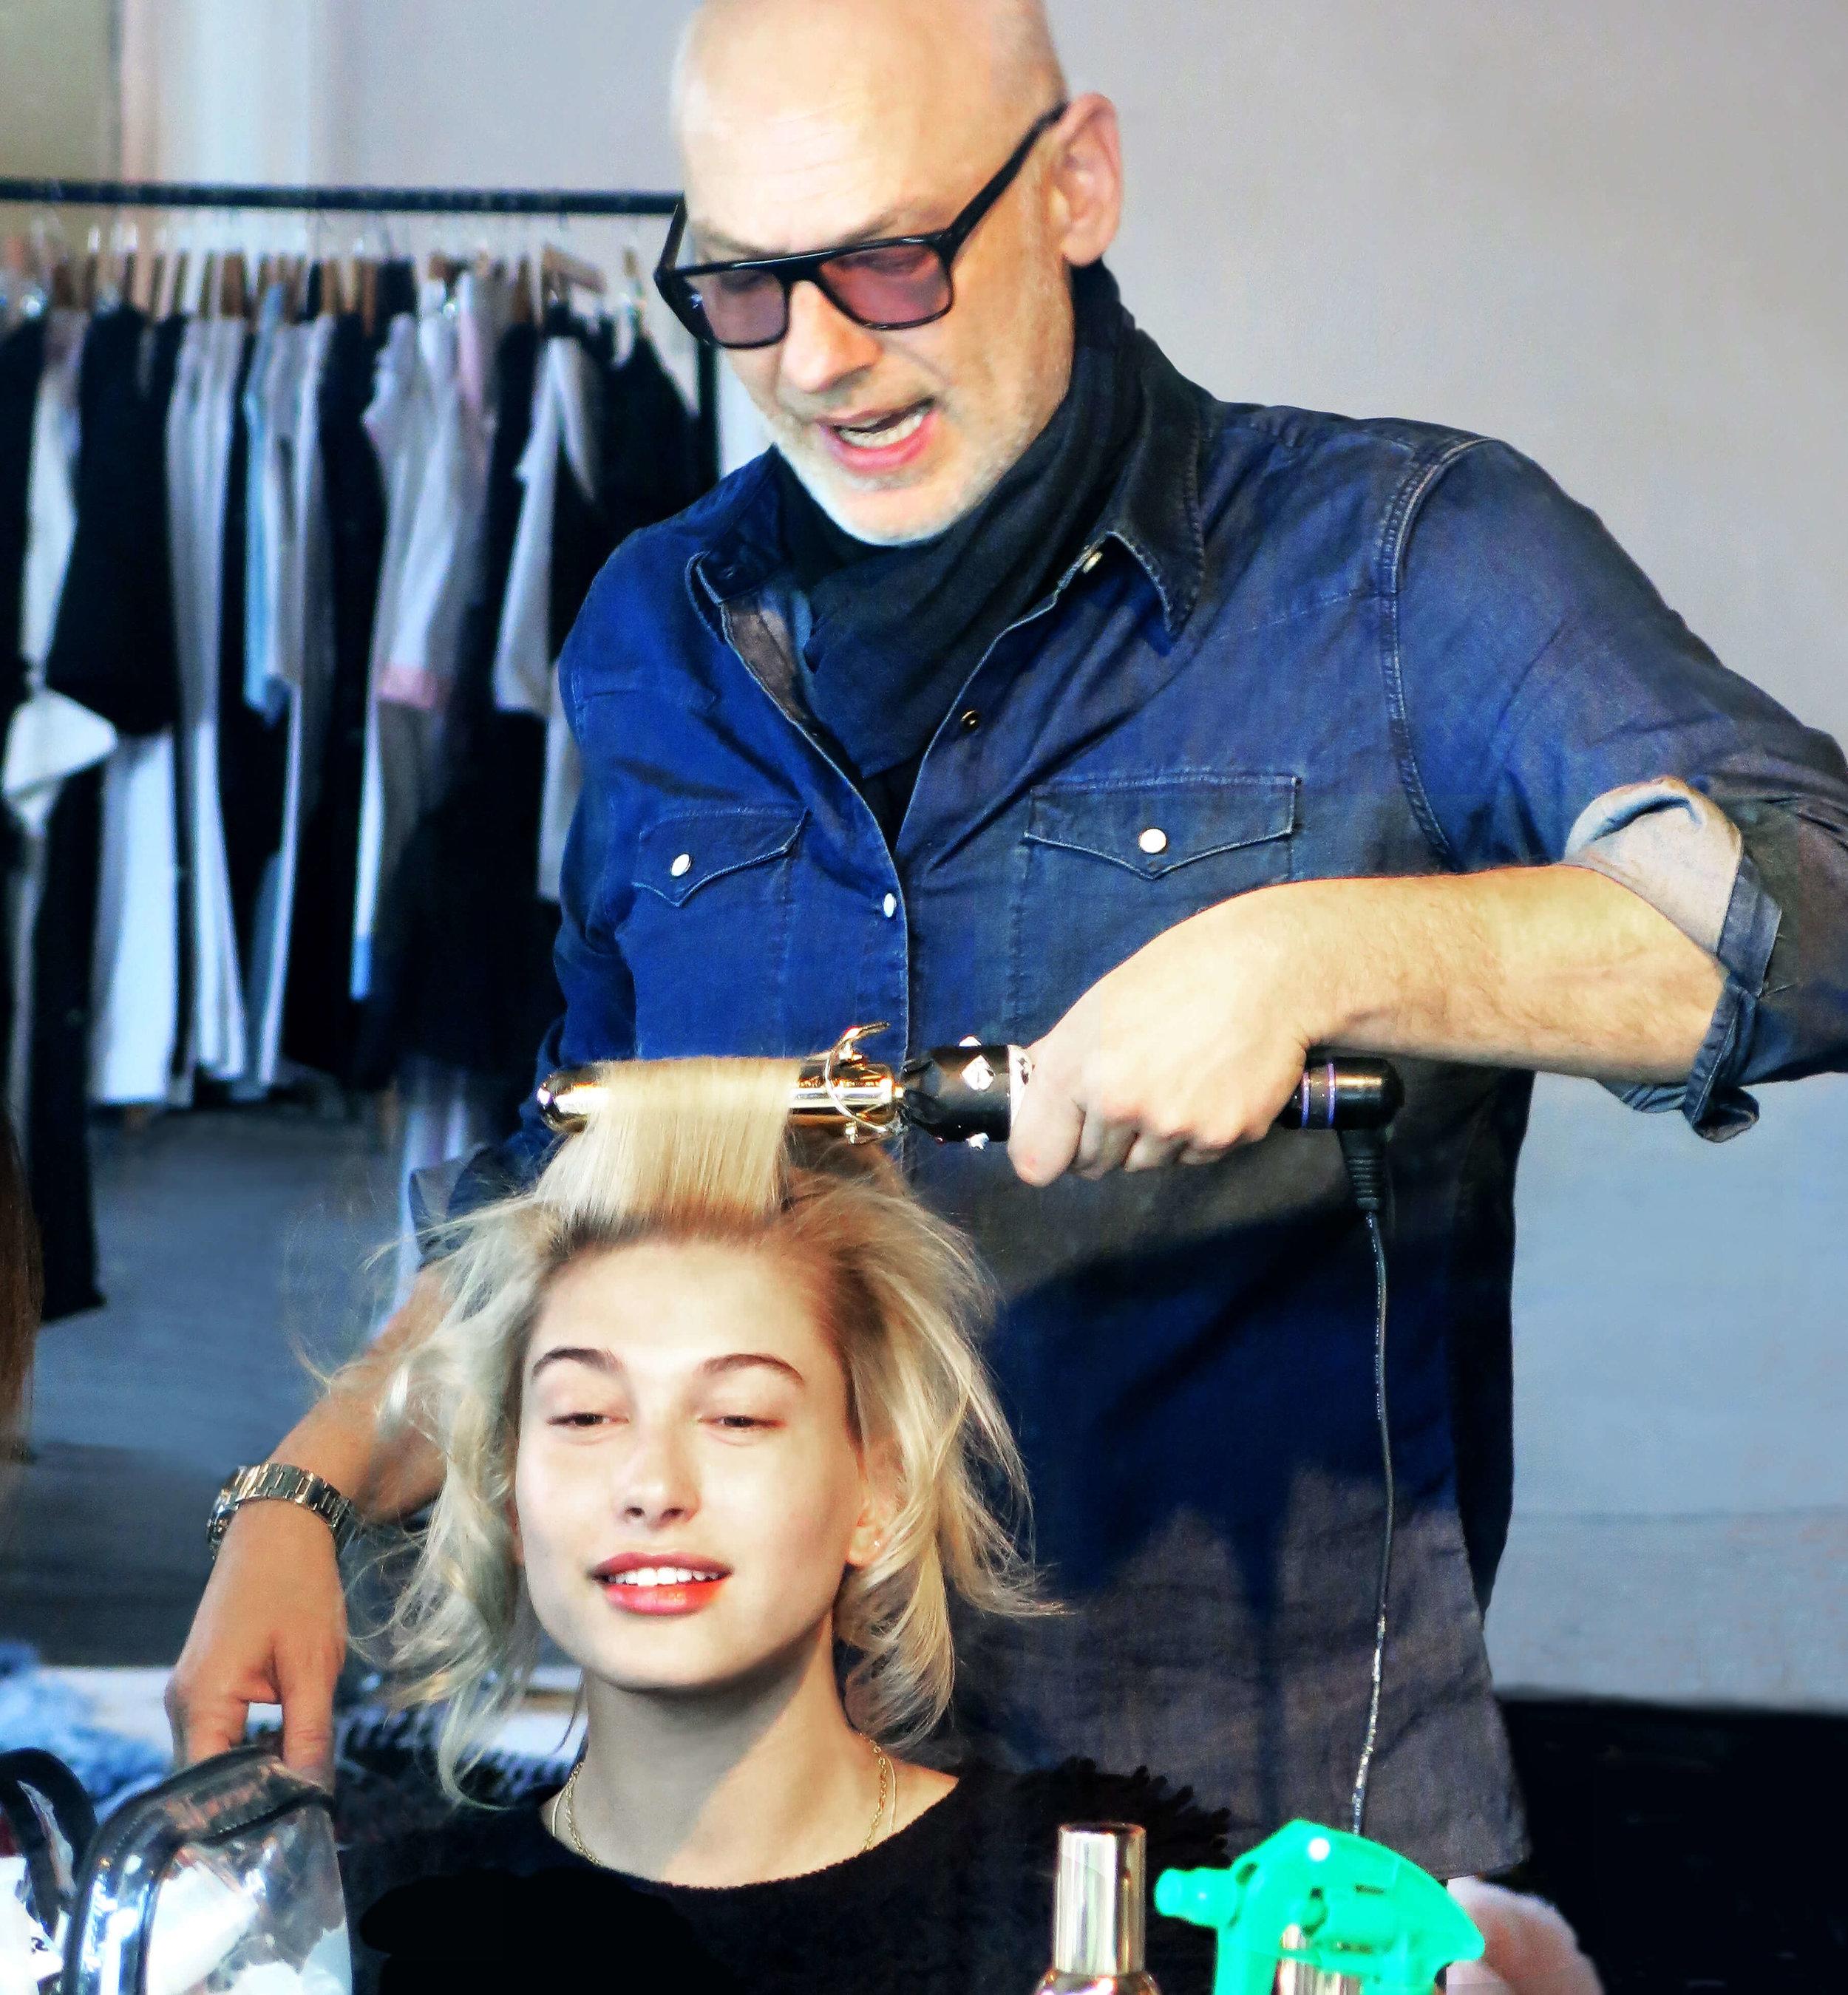 echos-coiffure-magazine-backstage-wonderland-hailey-bieber-03.jpg